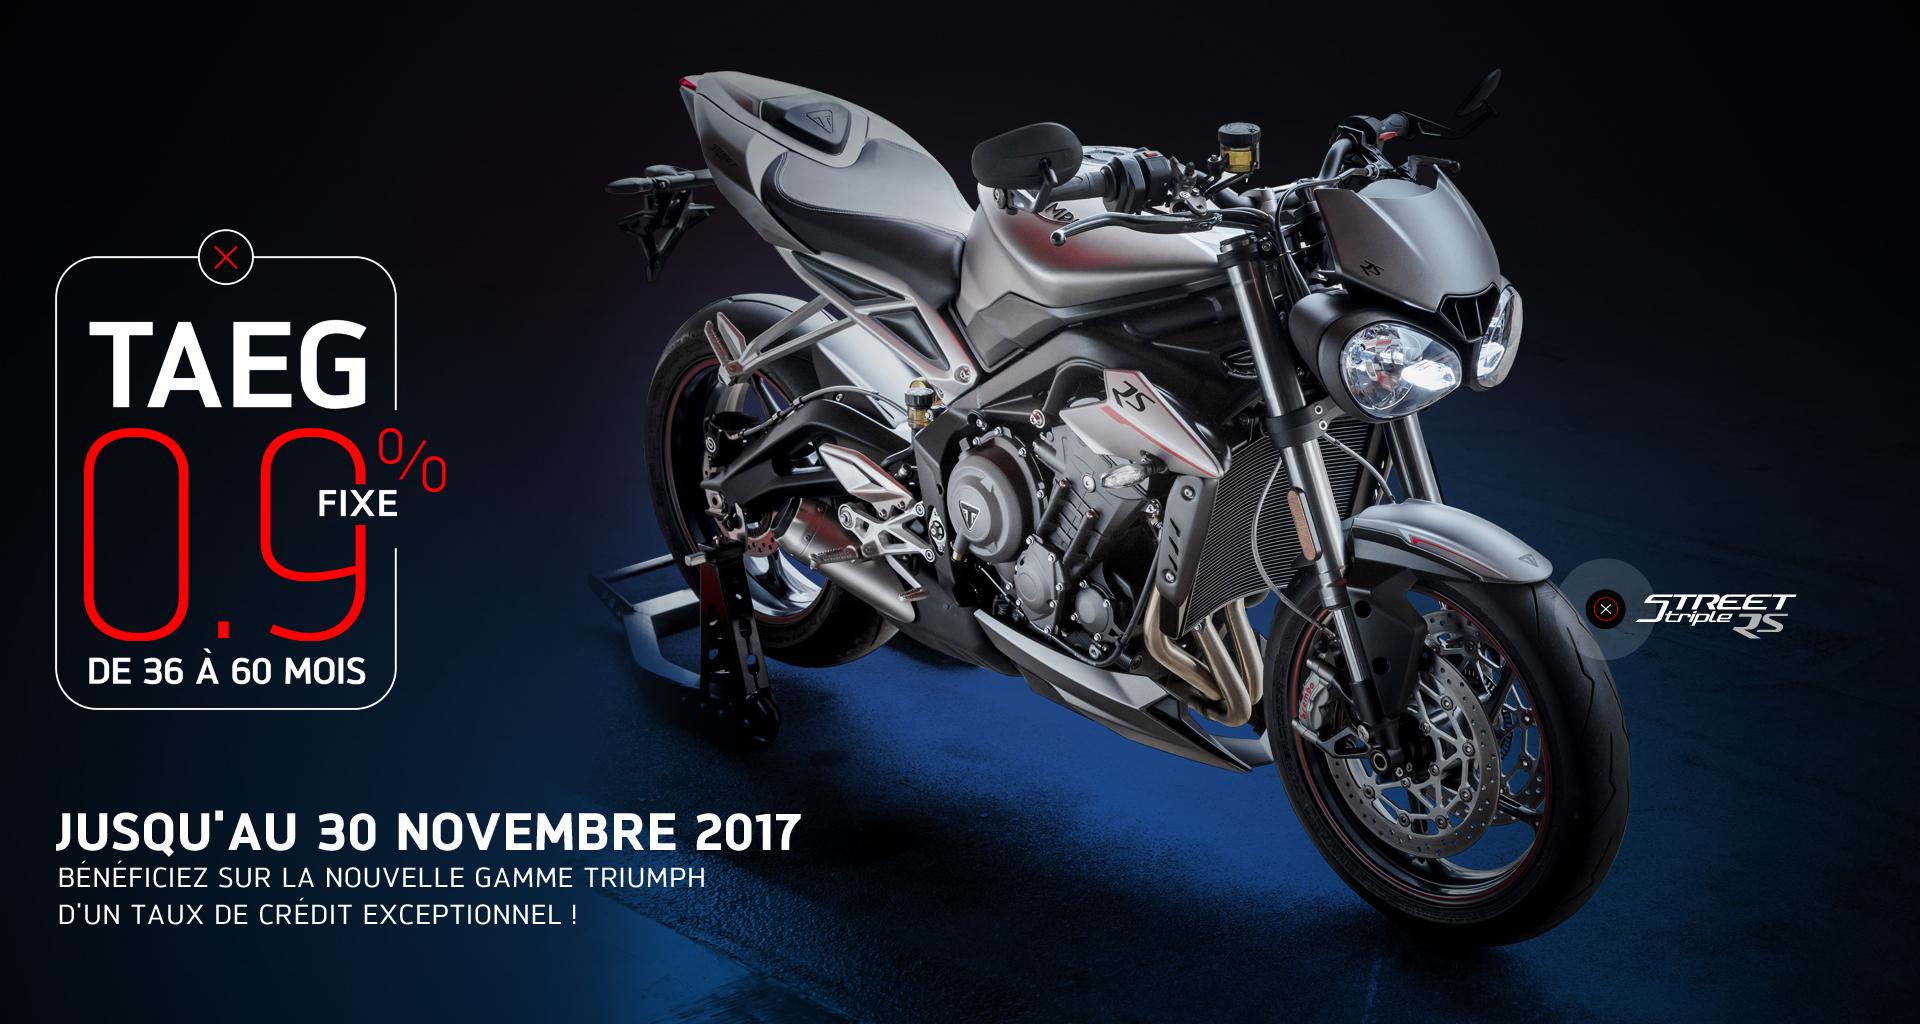 Triumph Rpm 77 Idée Dimage De Moto